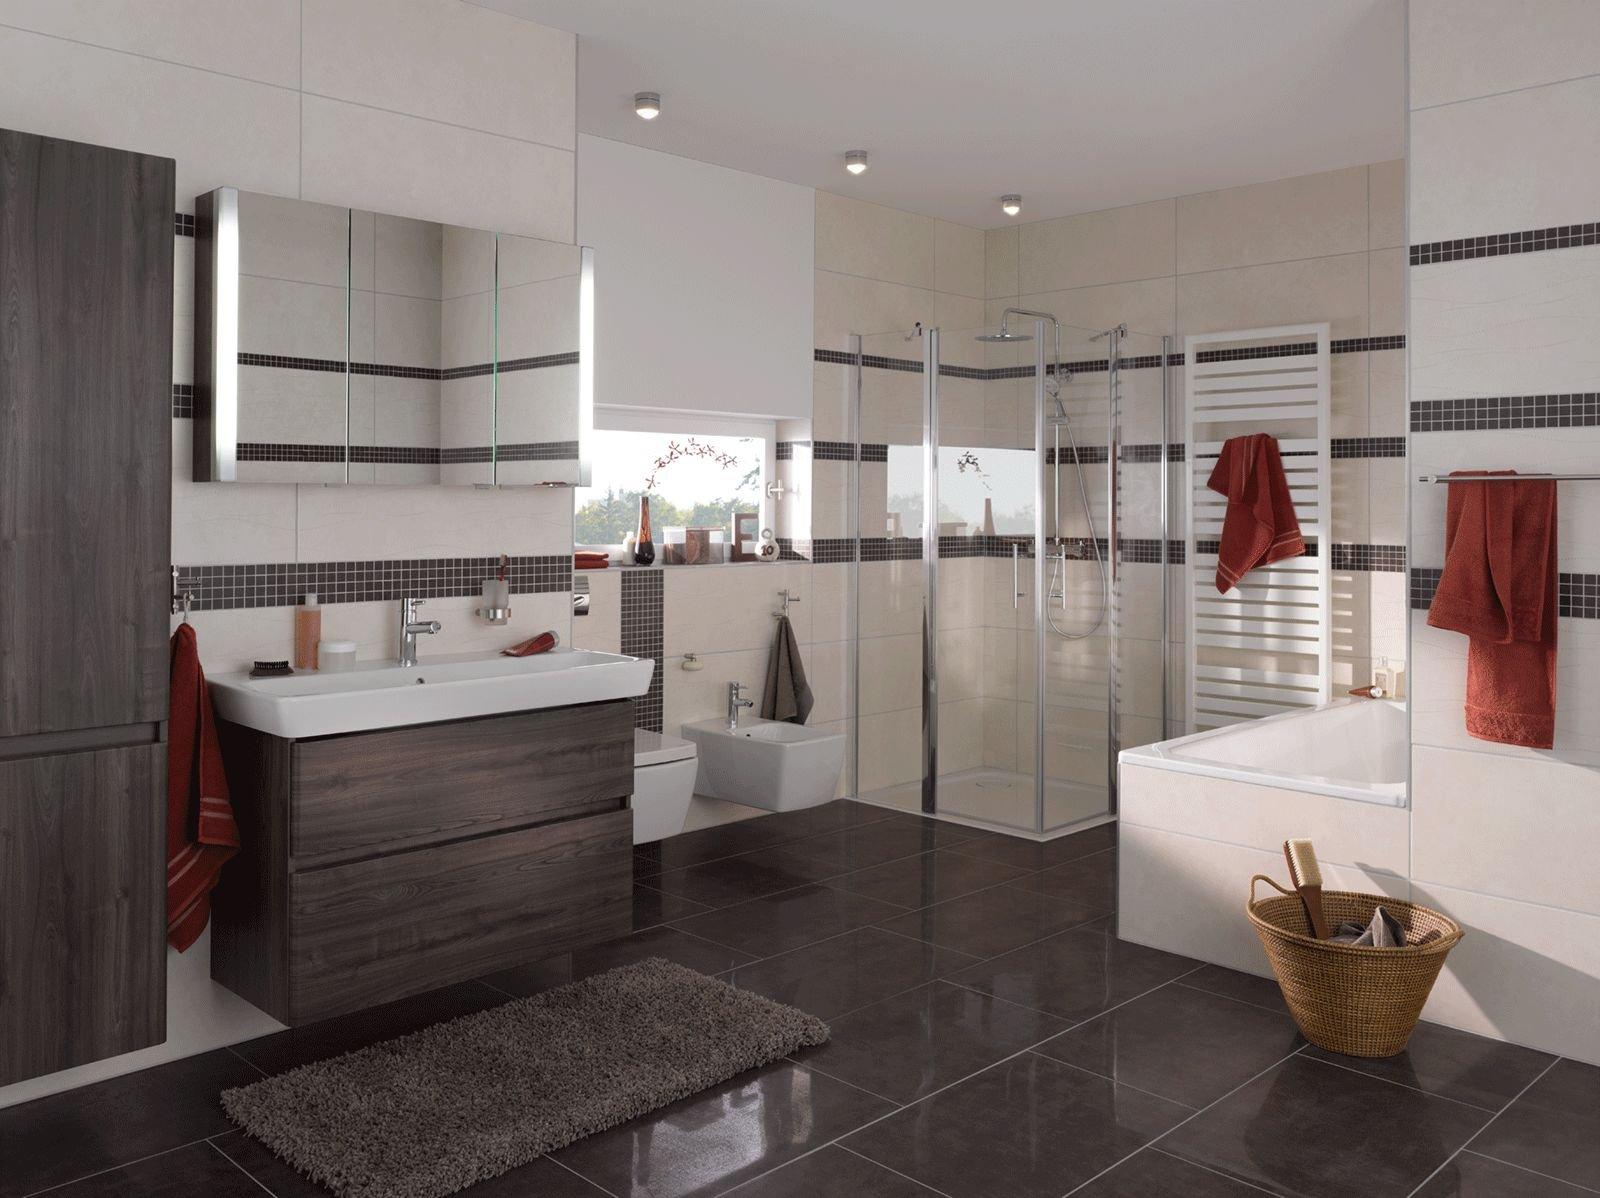 serie cleveland hochwertige design fliesen aventuro fliesen. Black Bedroom Furniture Sets. Home Design Ideas